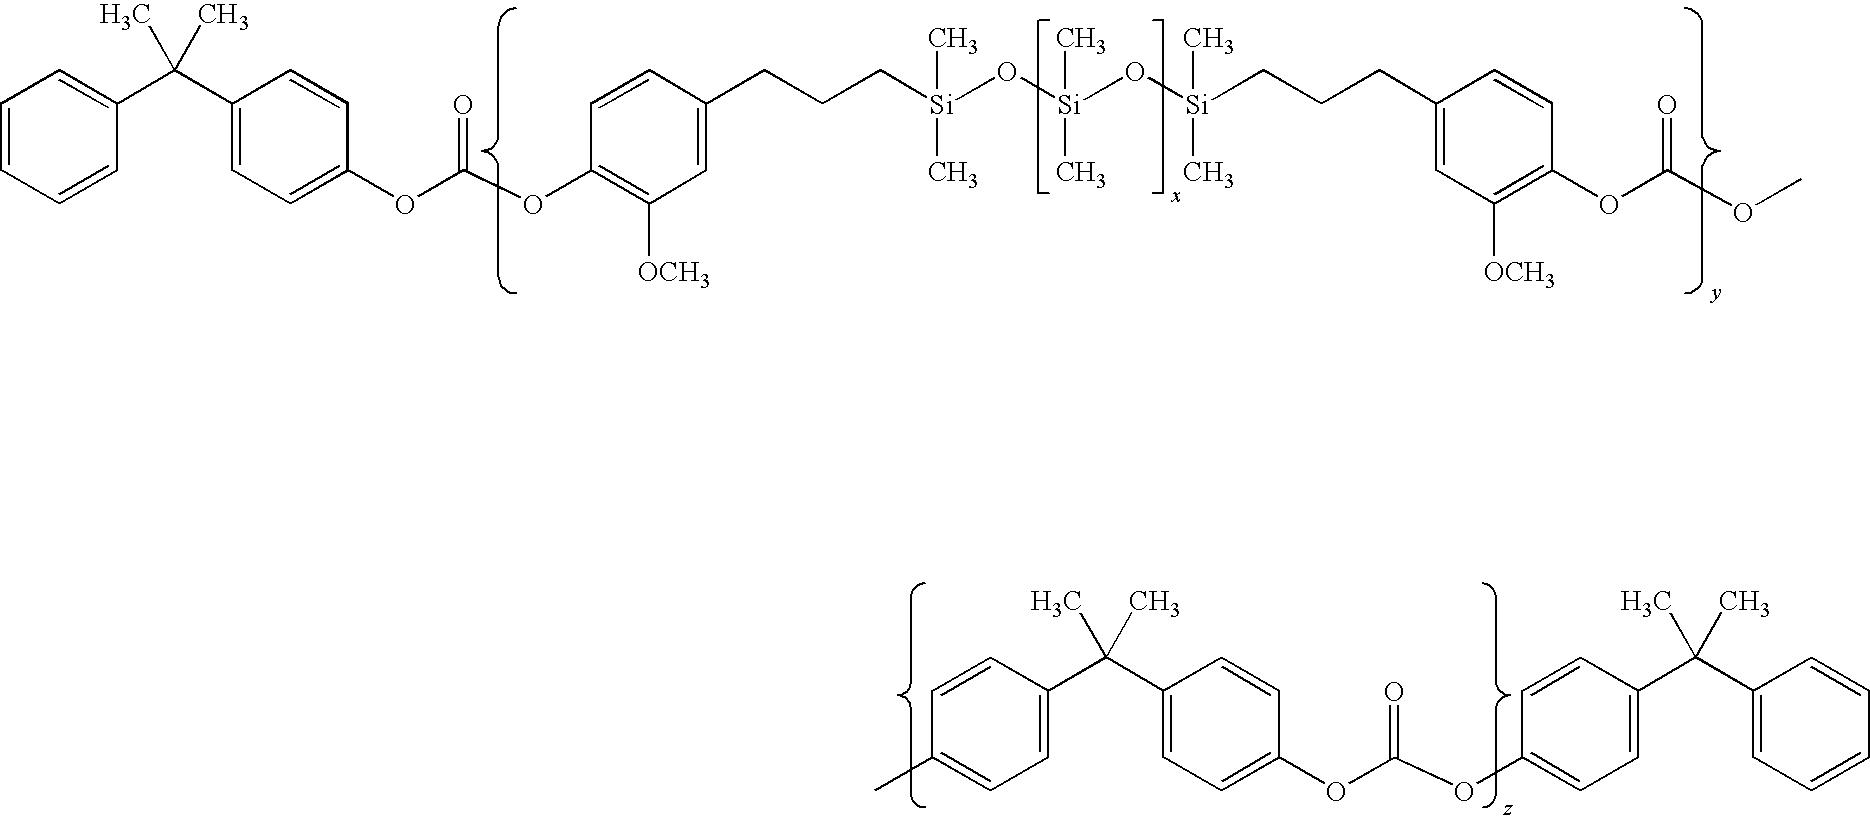 Figure US07943278-20110517-C00092